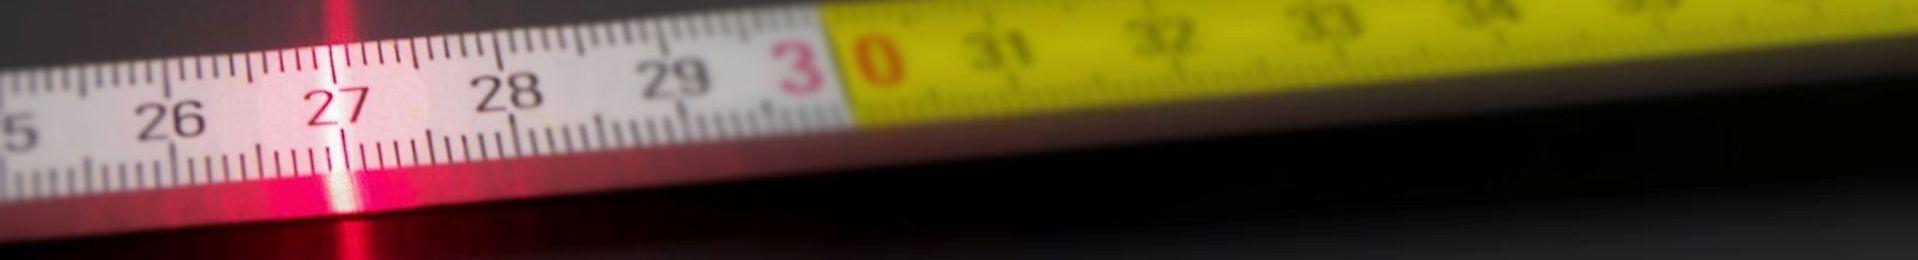 Dekorierte Spiegel hängen - Online-Verkauf maßgeschneiderten Spiegel